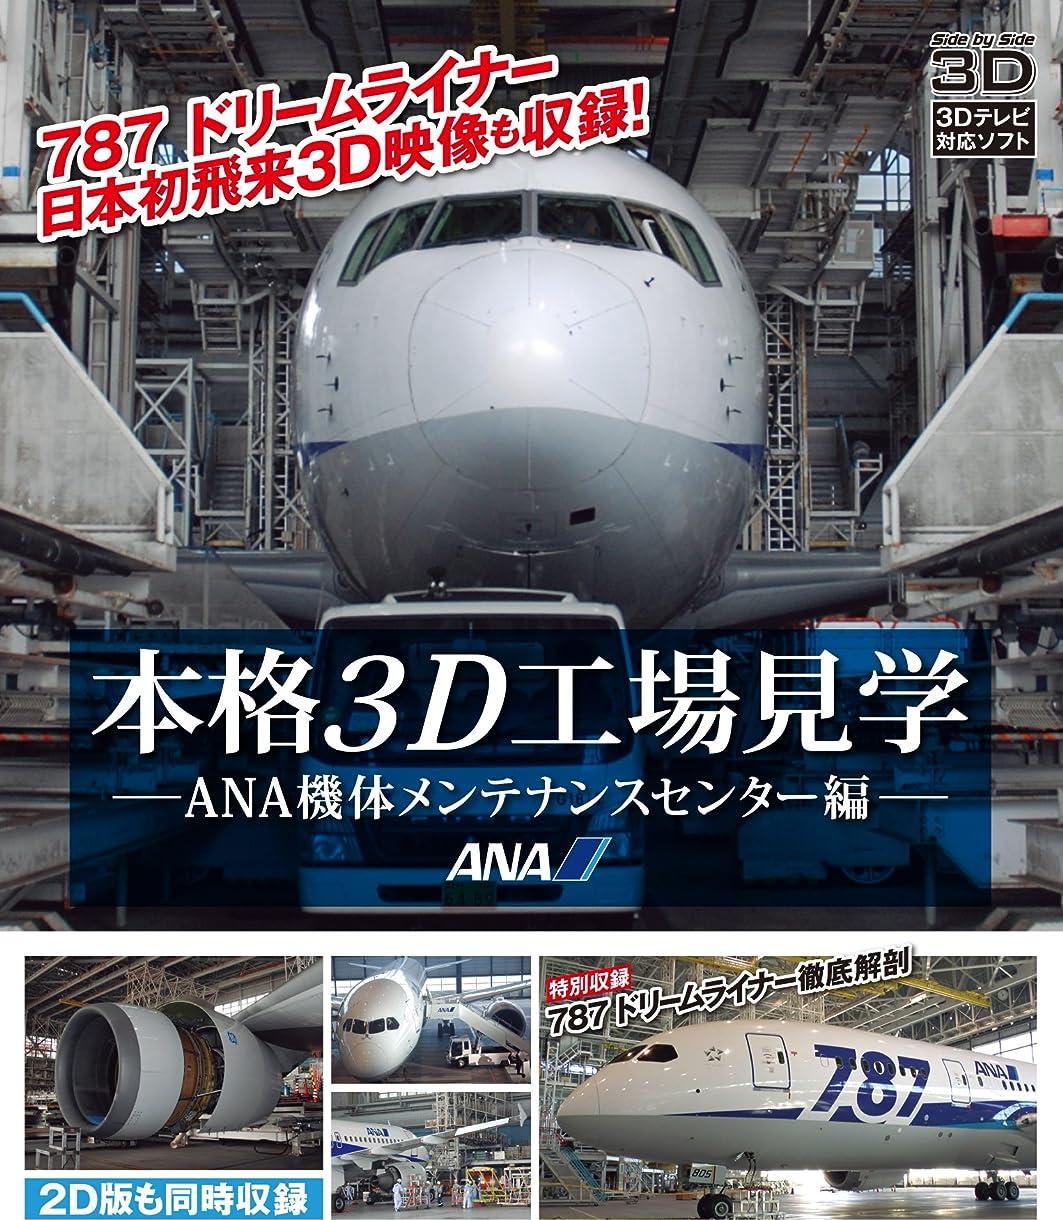 王位コインランドリー日帰り旅行に本格3D工場見学~ANA機体メンテナンスセンター編~特別収録 787 DreamLiner 徹底解剖 [Blu-ray]